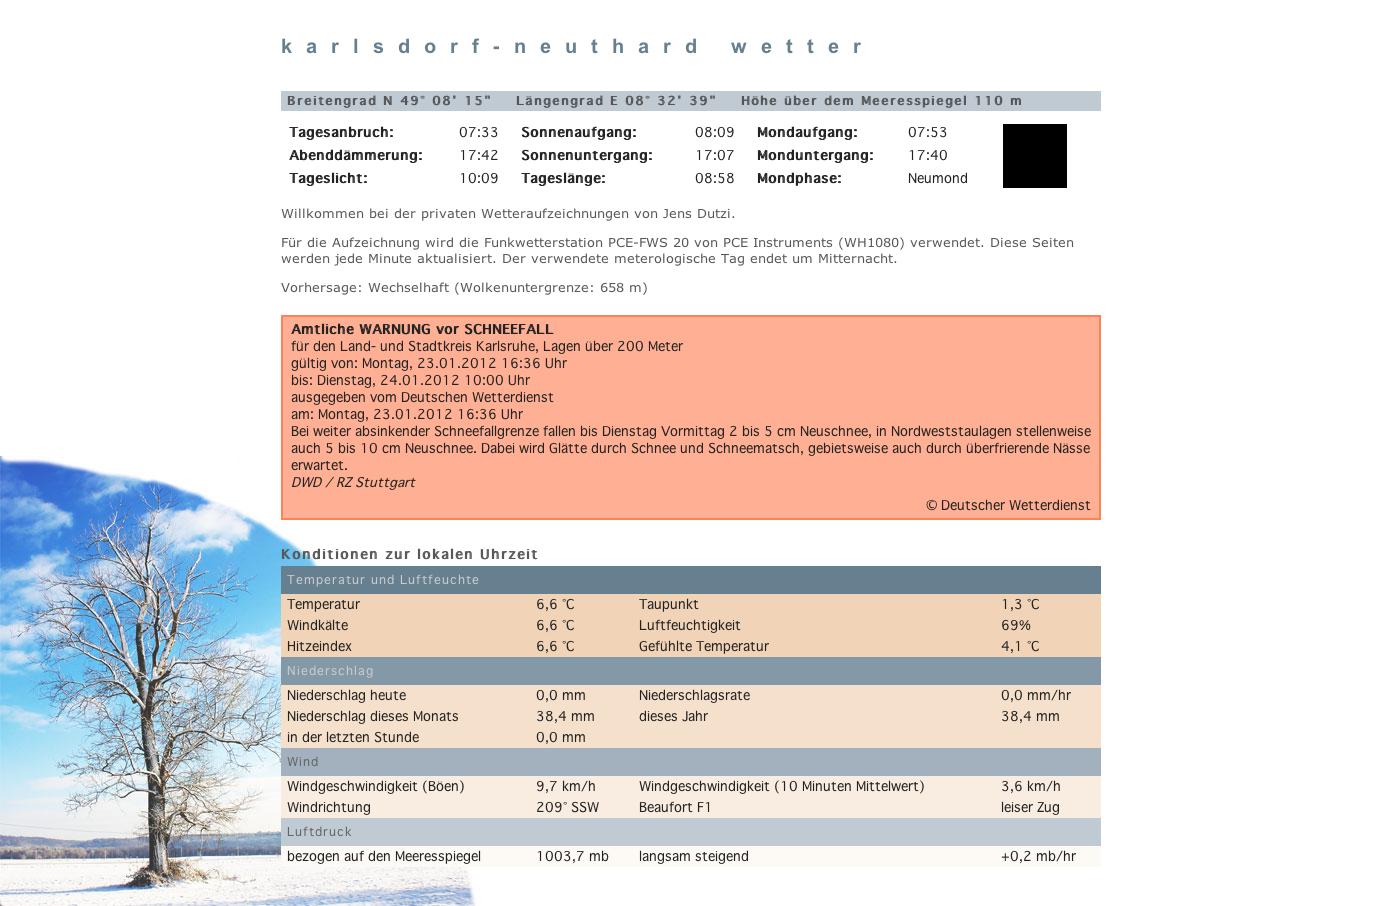 Neues Hobby-Projekt: Live-Wetterdaten für Karlsdorf-Neuthard